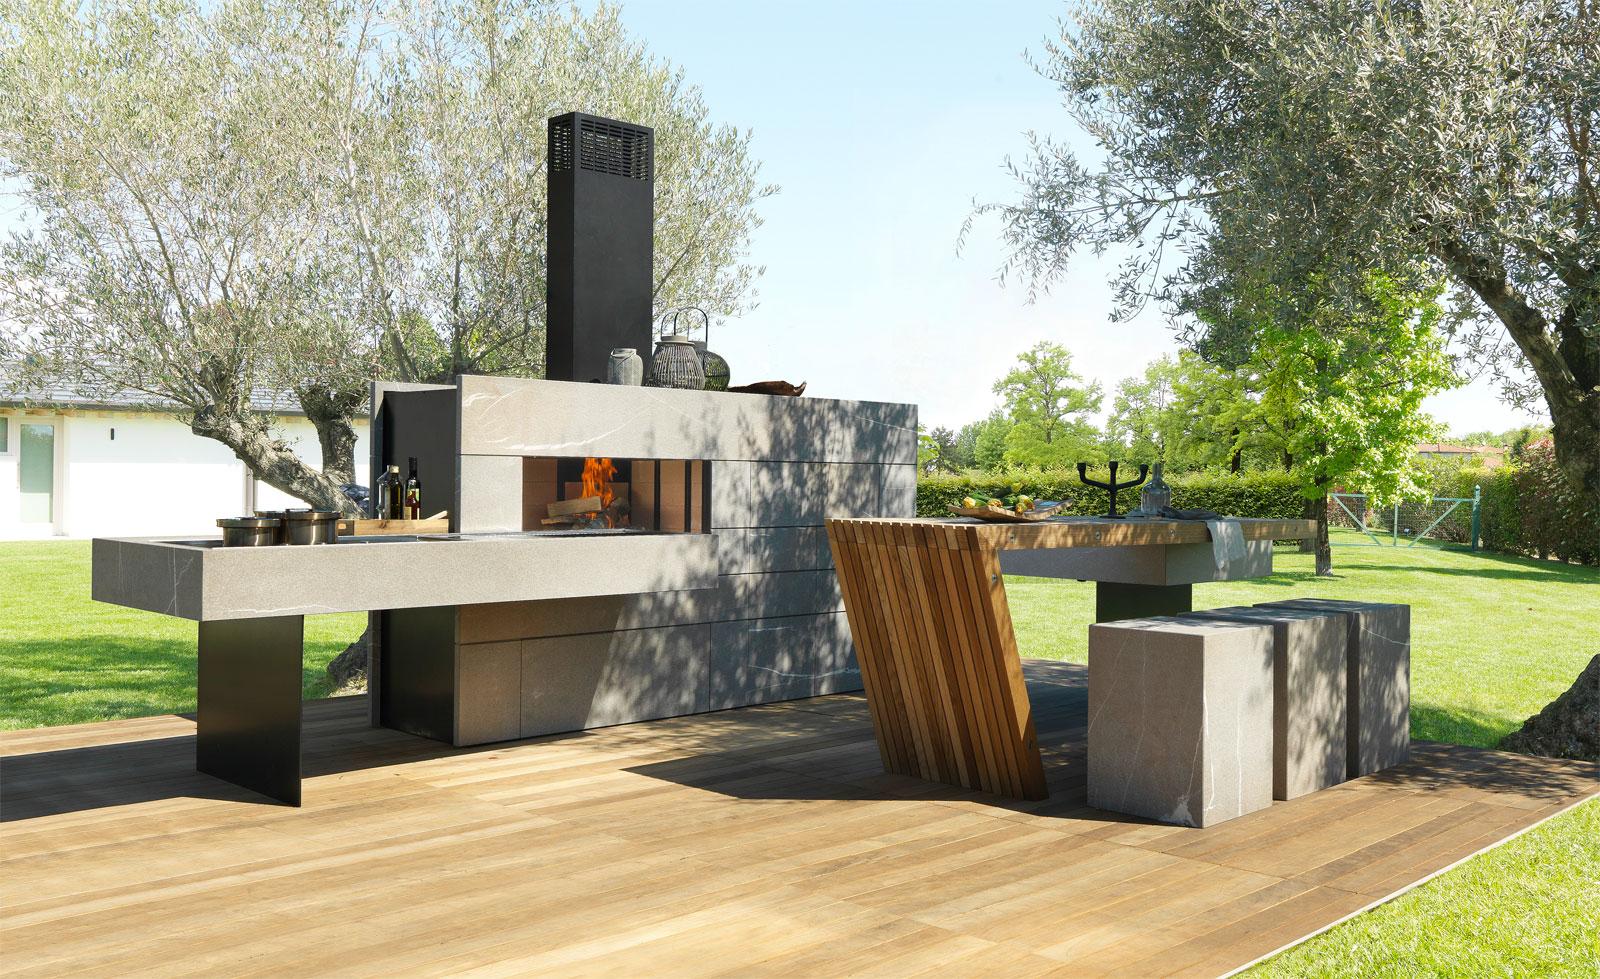 The Modulnova Outdoor Kitchen